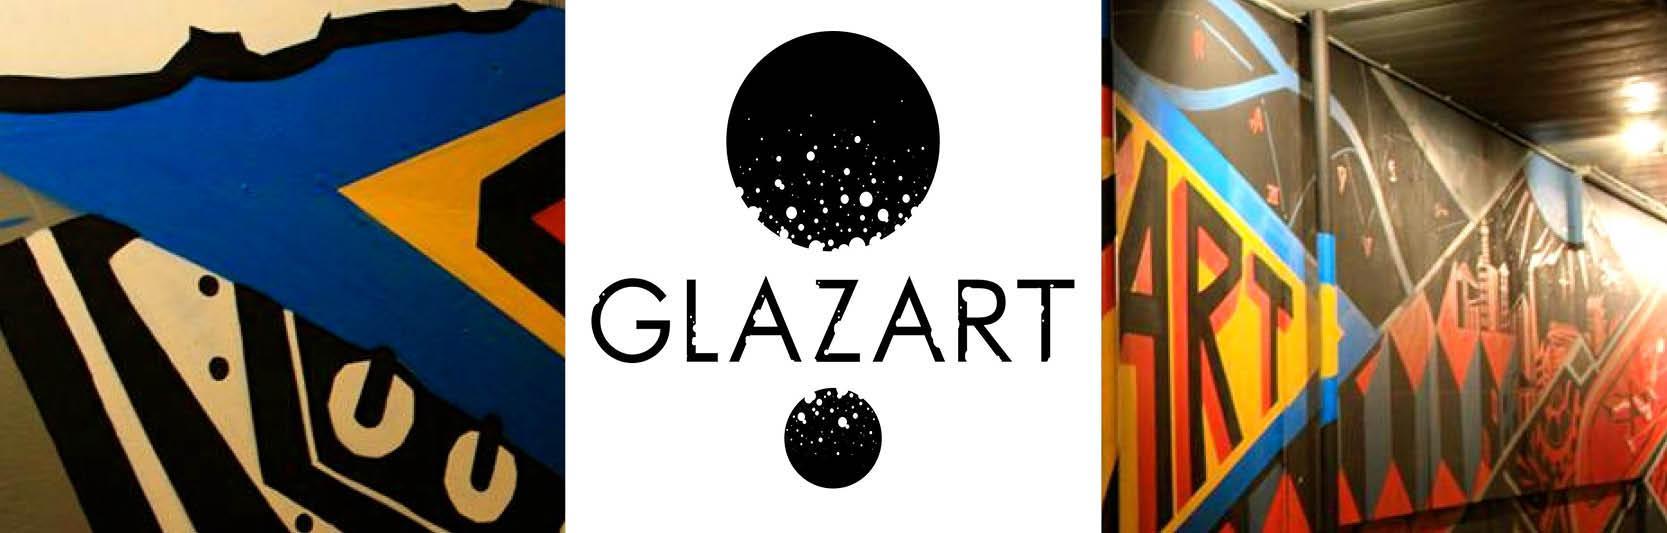 Glazart - Zone 1